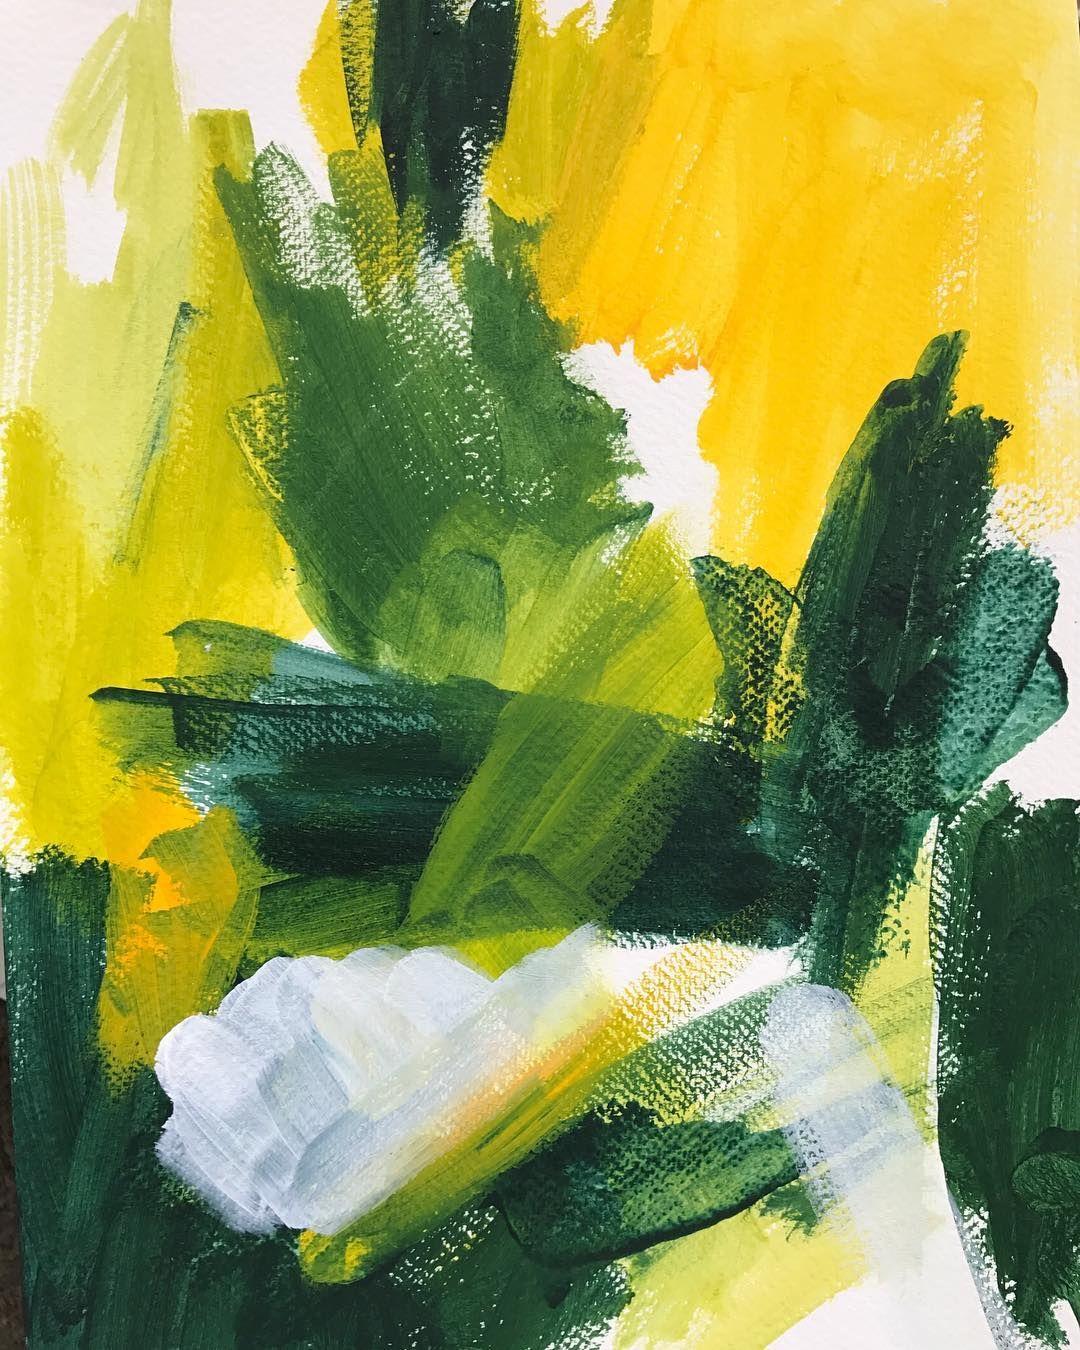 Probando nuevos colores y estilos acrílico sobre papel #abstract #arteabstracto #abstractart #abstracto #cuadrosporencargo #painting #pintura #acrilico #acrylic #cuadrosamedida